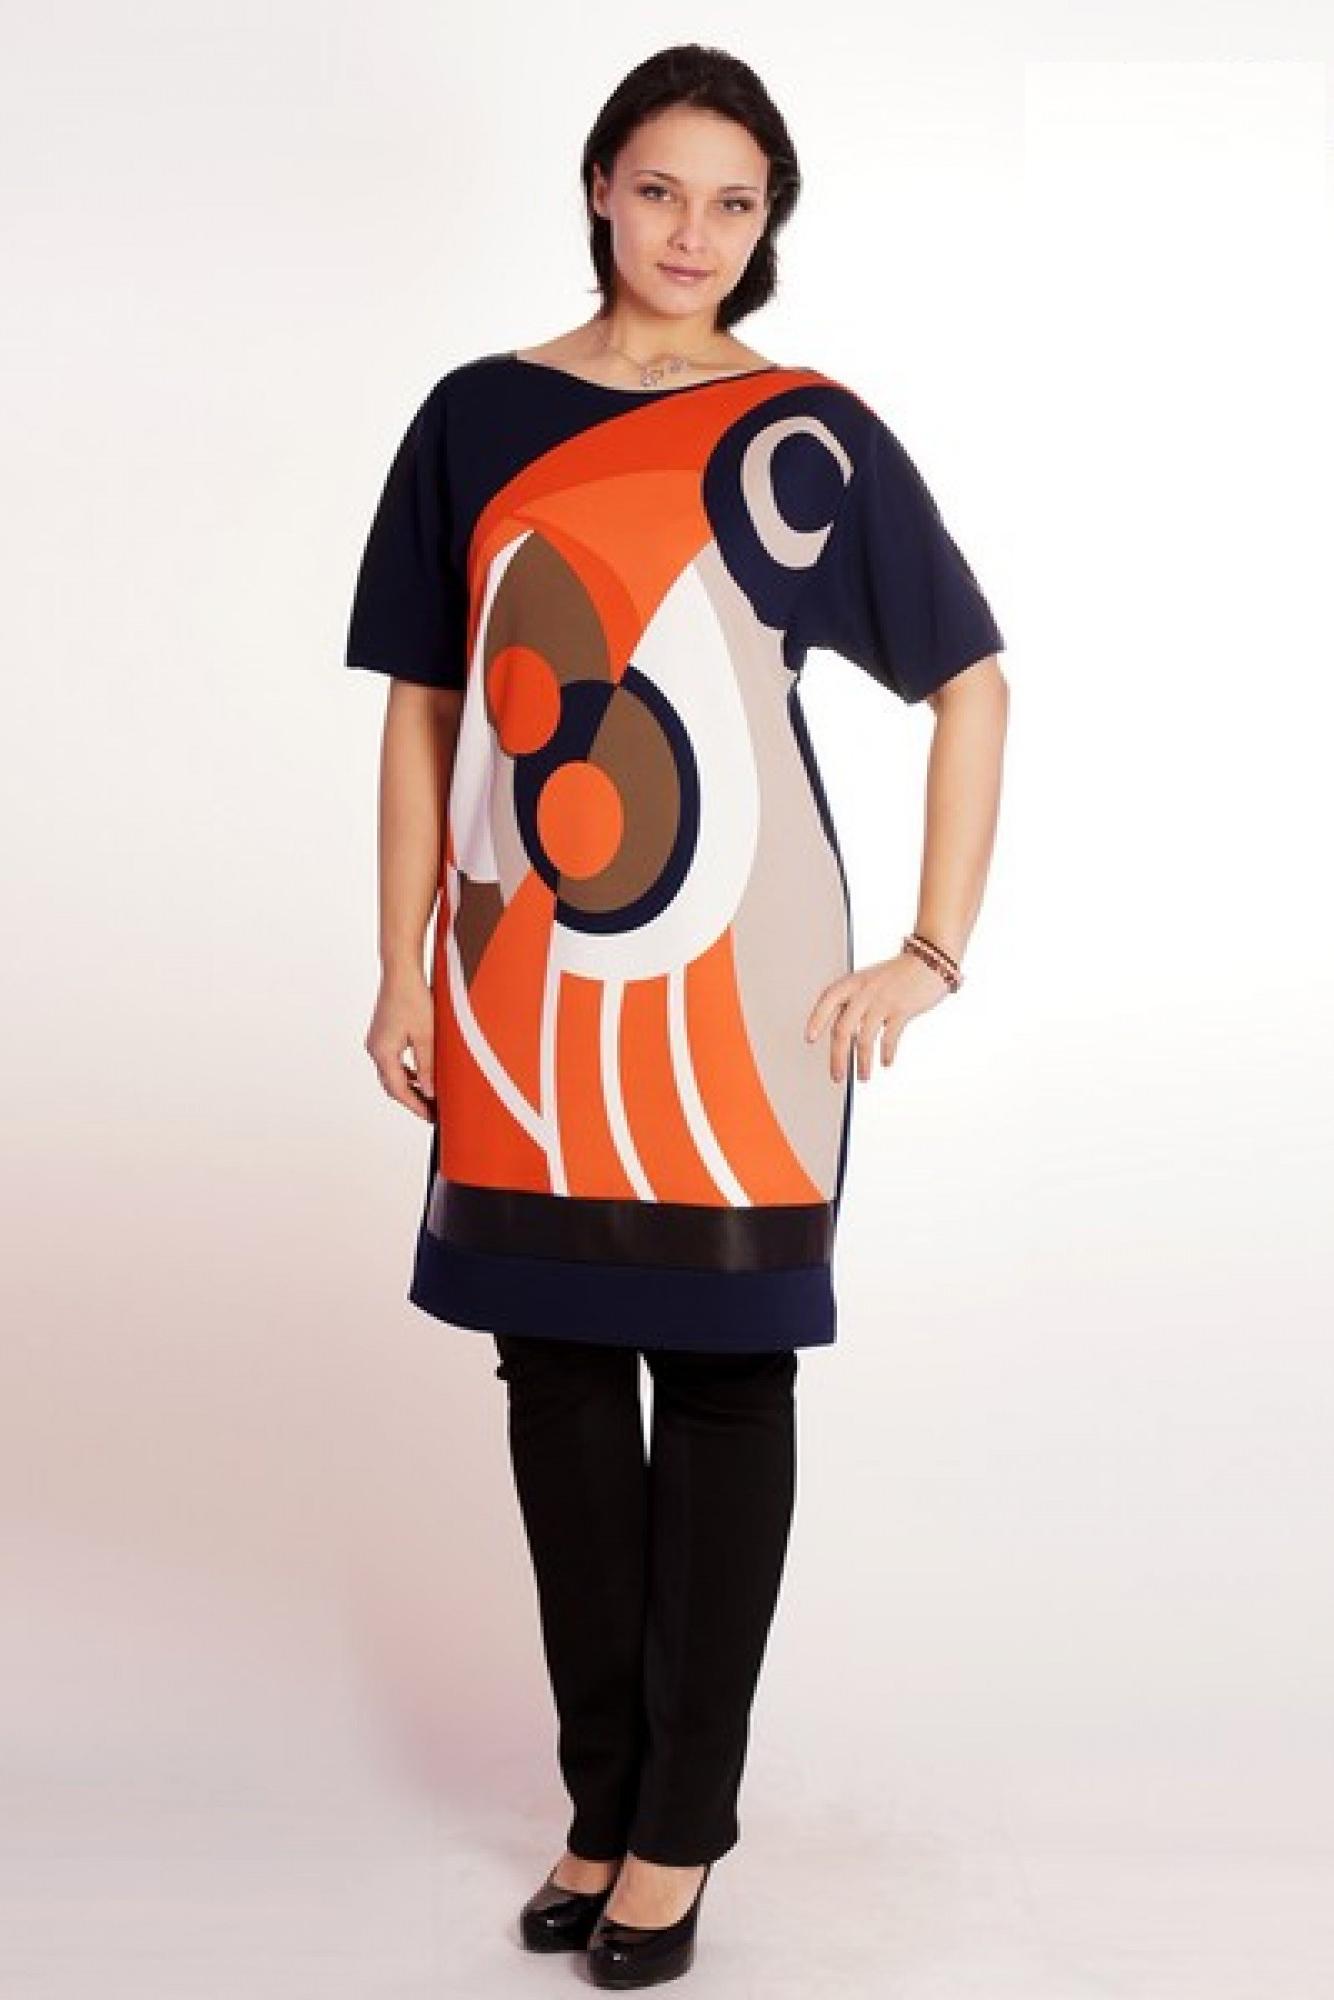 ПлатьеПлатья<br>Эффектное платье прямого силуэта с броским принтом спереди и отделочными элементами из кожзама. Горловина лодочка плавно перетекает в линию рукавов. По низу переда и в рукавах - вставки из черного кожзама. Рукав широкий длиной до локтя; пройма низкая.  Цвет: синий, оранжевый, бежевый.  Длина изделия около 93 см<br><br>Горловина: Лодочка<br>По длине: До колена<br>По материалу: Трикотаж<br>По рисунку: Абстракция,Геометрия,С принтом,Цветные<br>По силуэту: Прямые<br>По стилю: Кэжуал,Повседневный стиль<br>По элементам: С декором,С кожаными вставками<br>Рукав: До локтя<br>По сезону: Осень,Весна,Зима<br>Размер : 50,52,54,56,58<br>Материал: Трикотаж + Искусственная кожа<br>Количество в наличии: 9